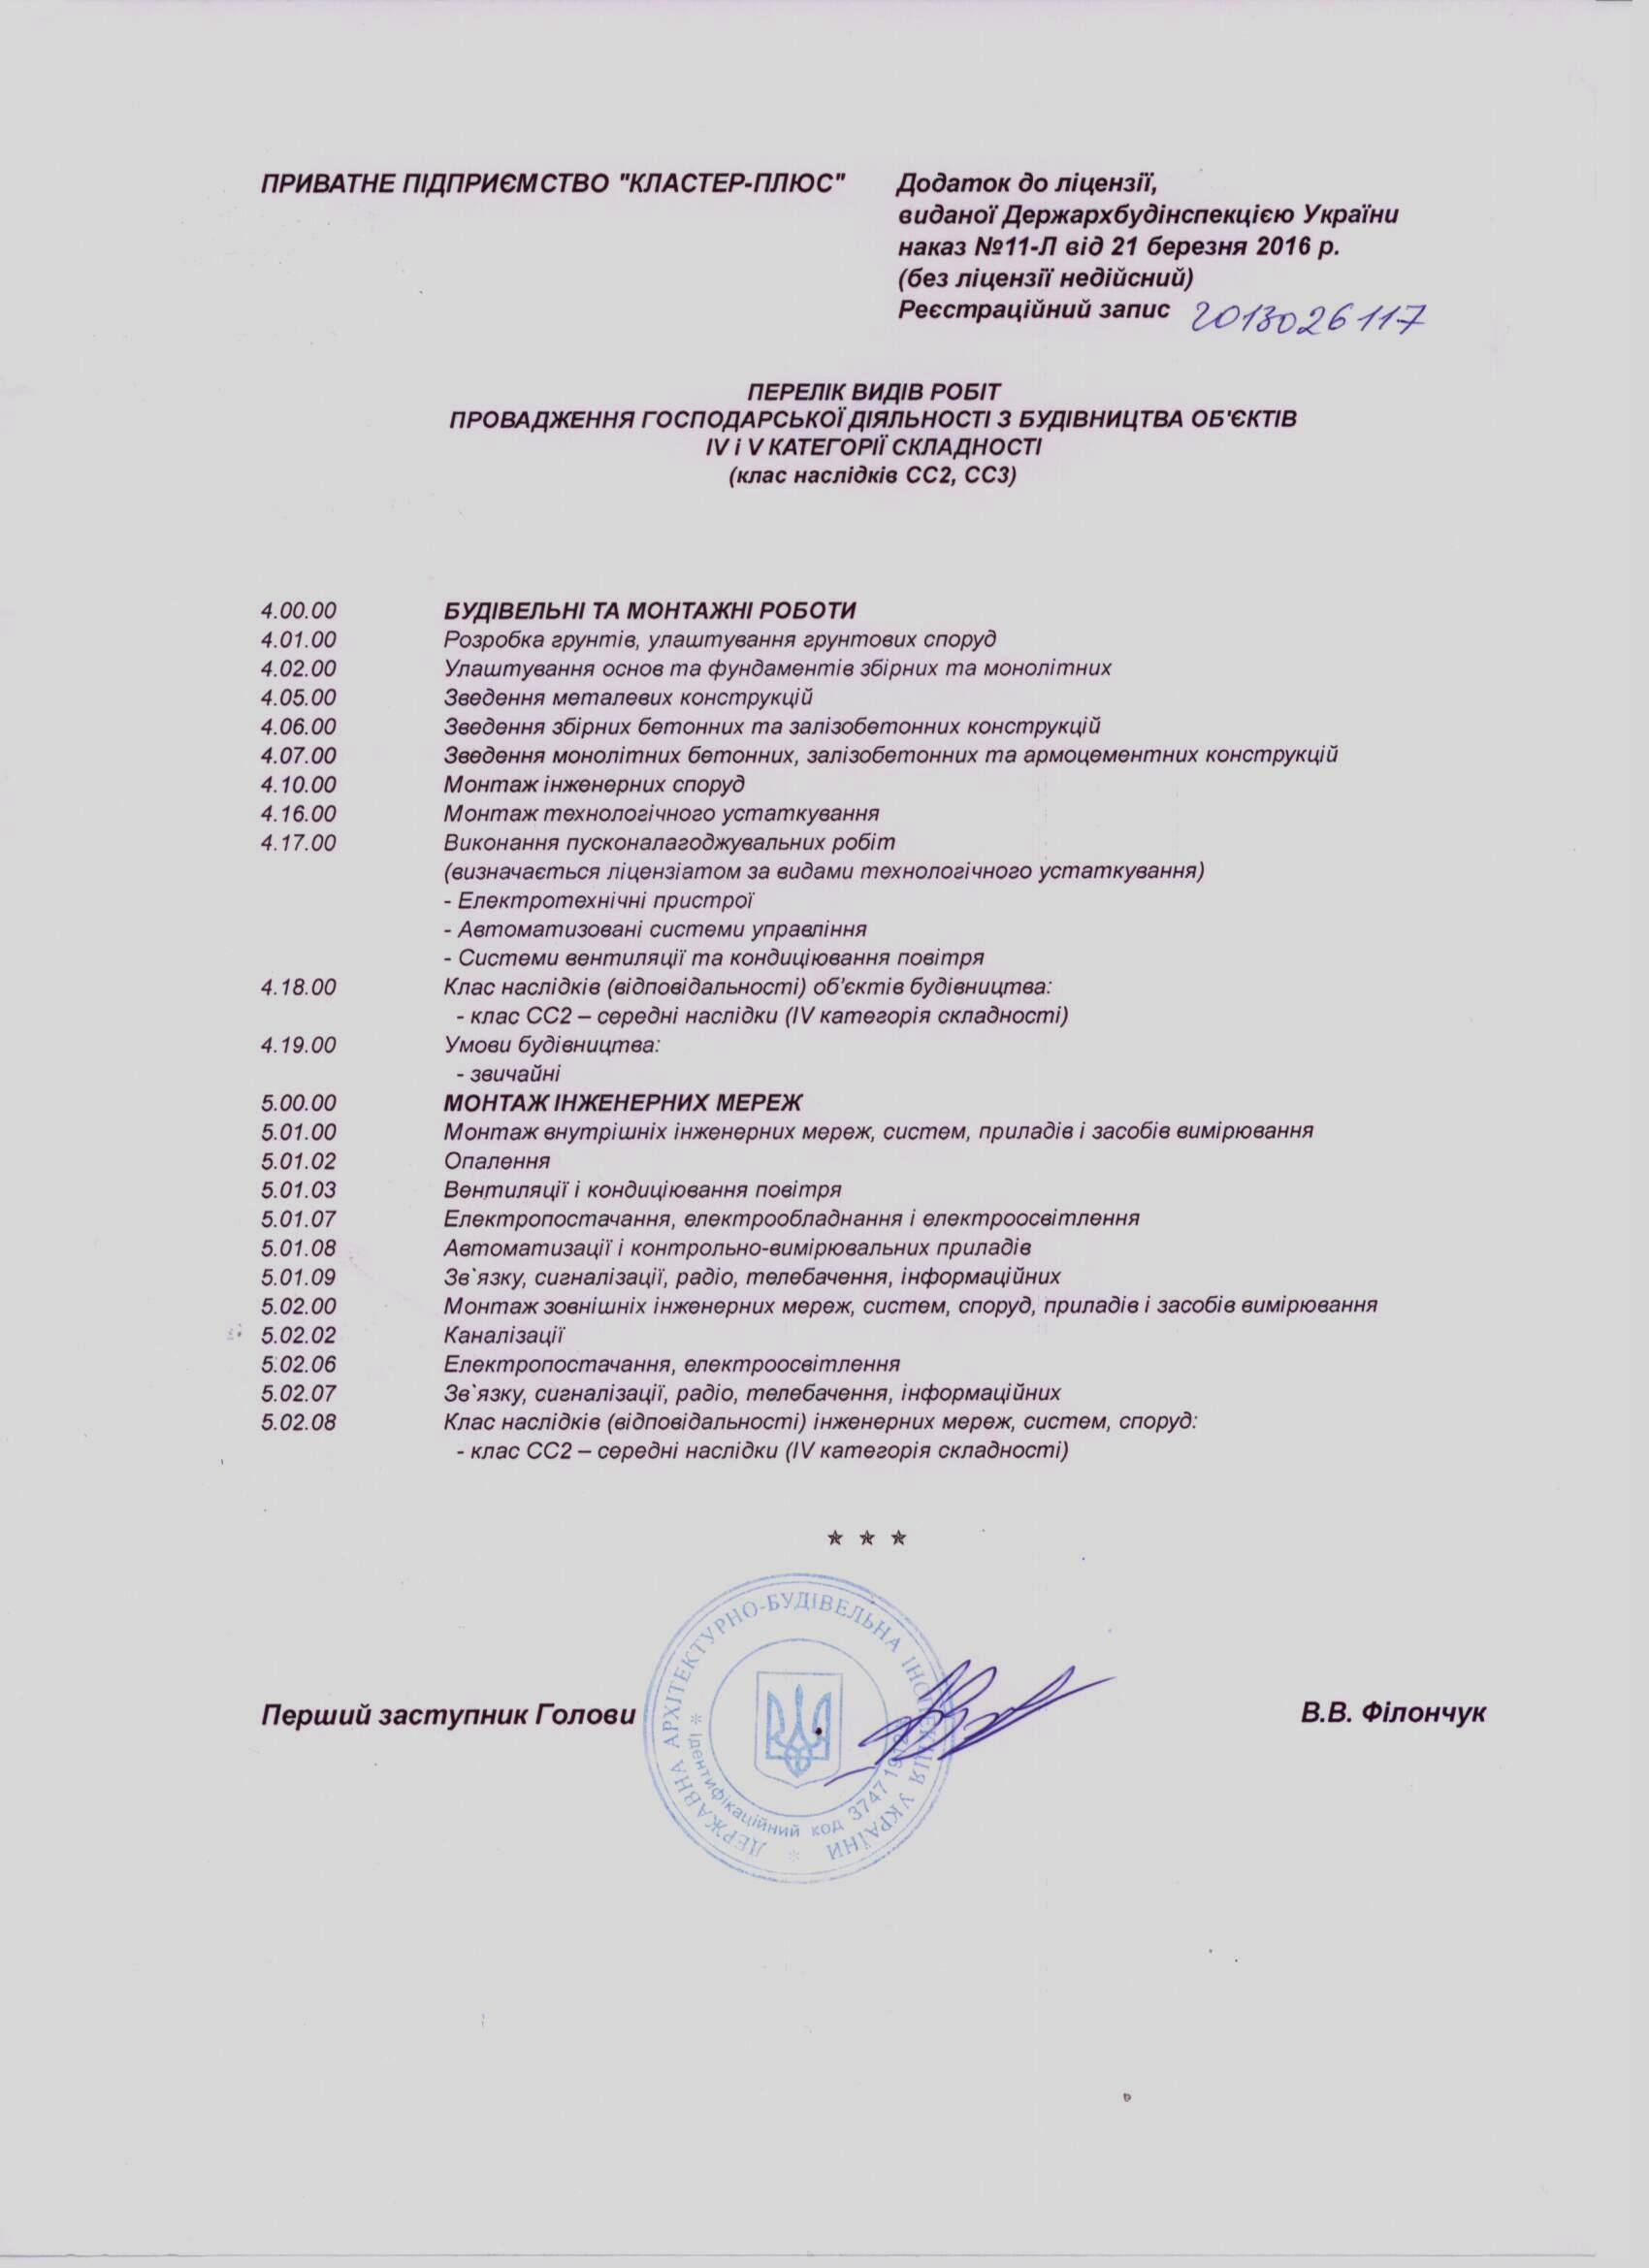 Дополнение к лицензии №2013026117 от 27 марта 2016 р.